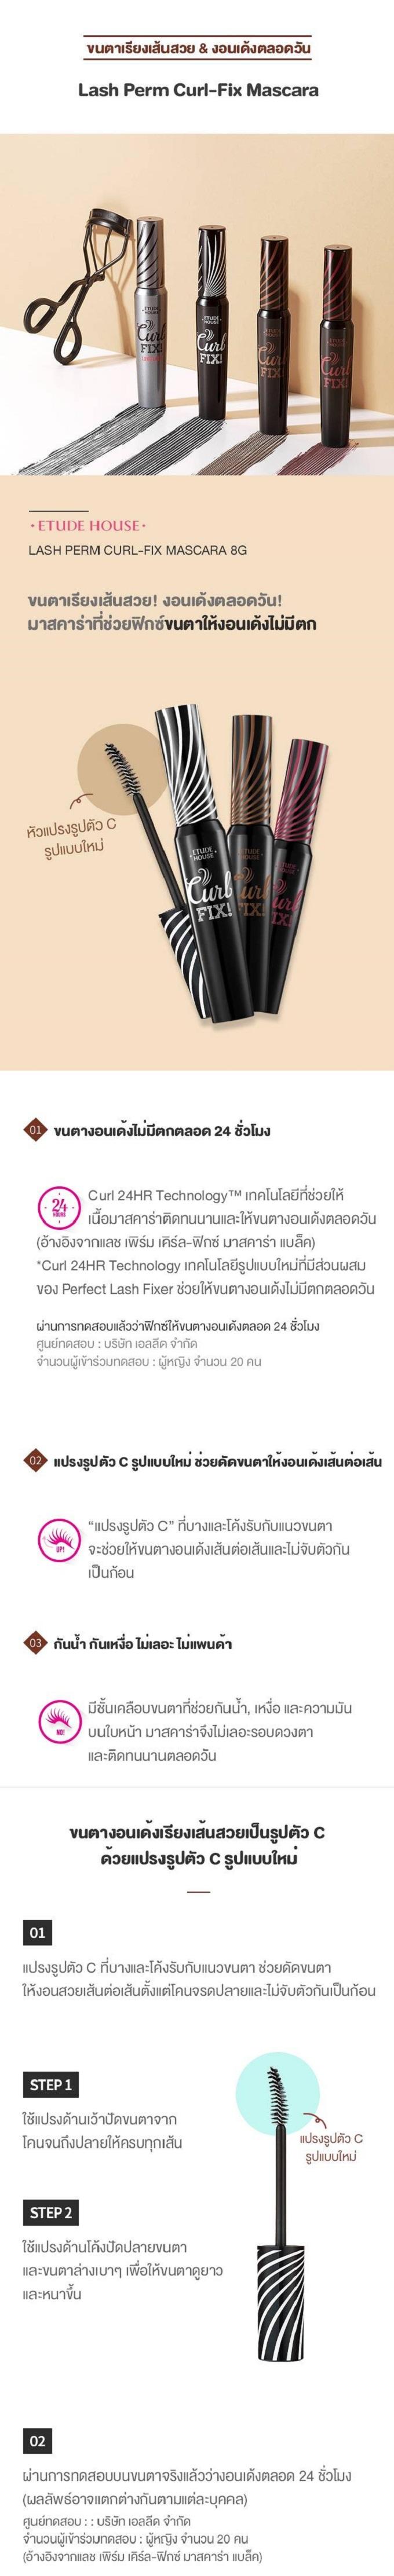 Lash Perm Curl Fix Mascara01